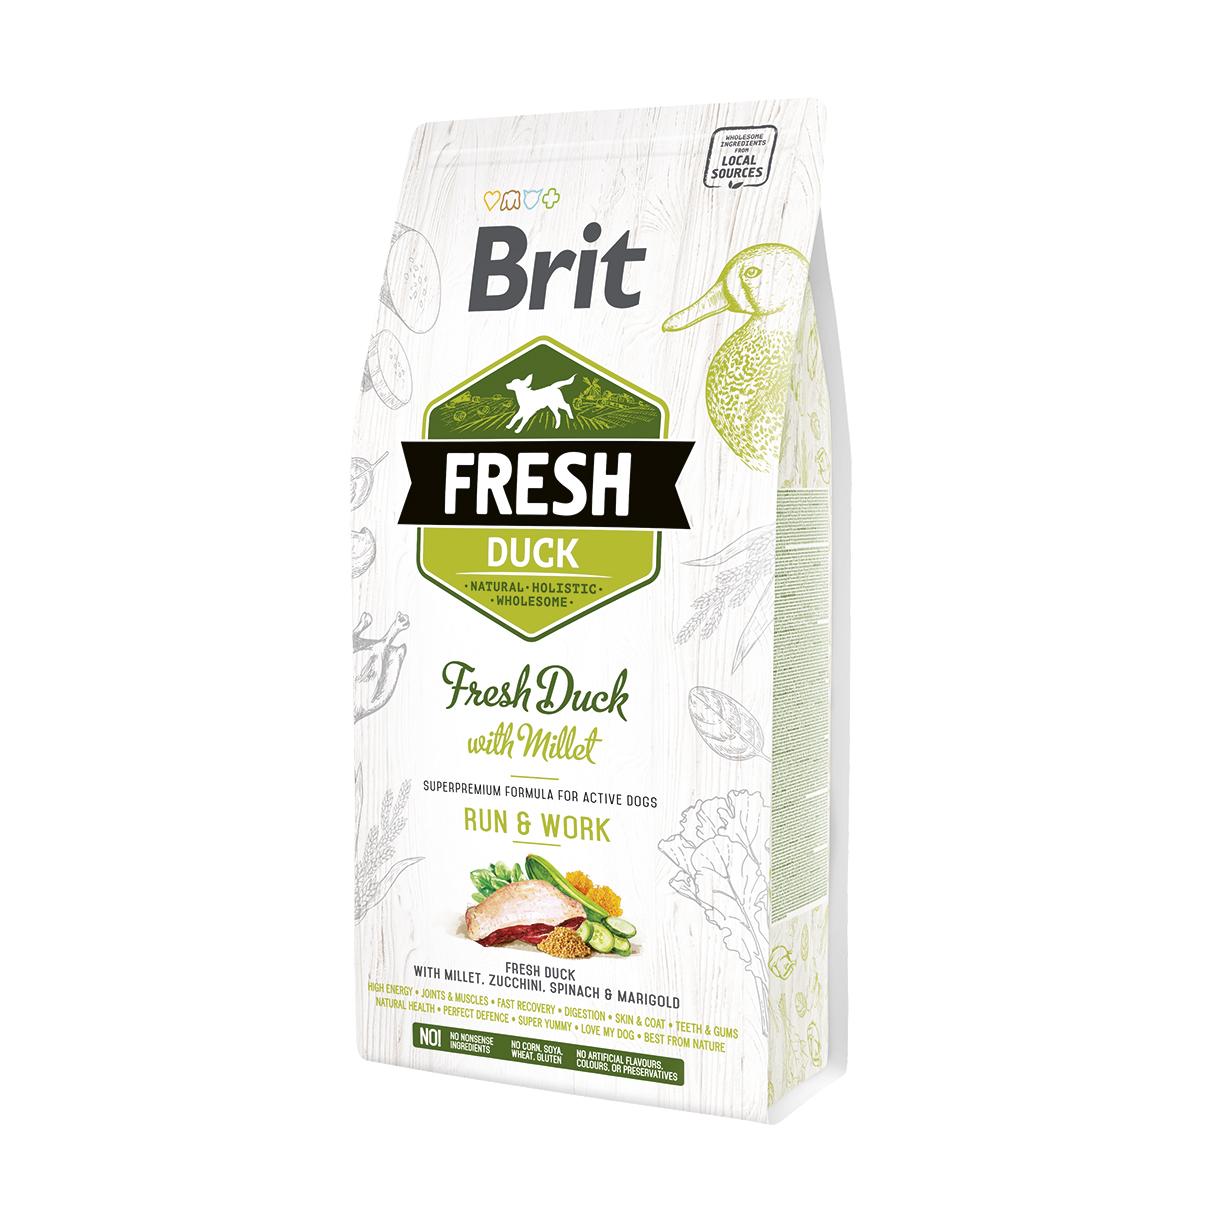 Brit Fresh Duck With Millet Adult Run & Work со свежей уткой и пшеном для взрослых собак с повышенной активностью. Фасовки по 2,5 и 12кг.